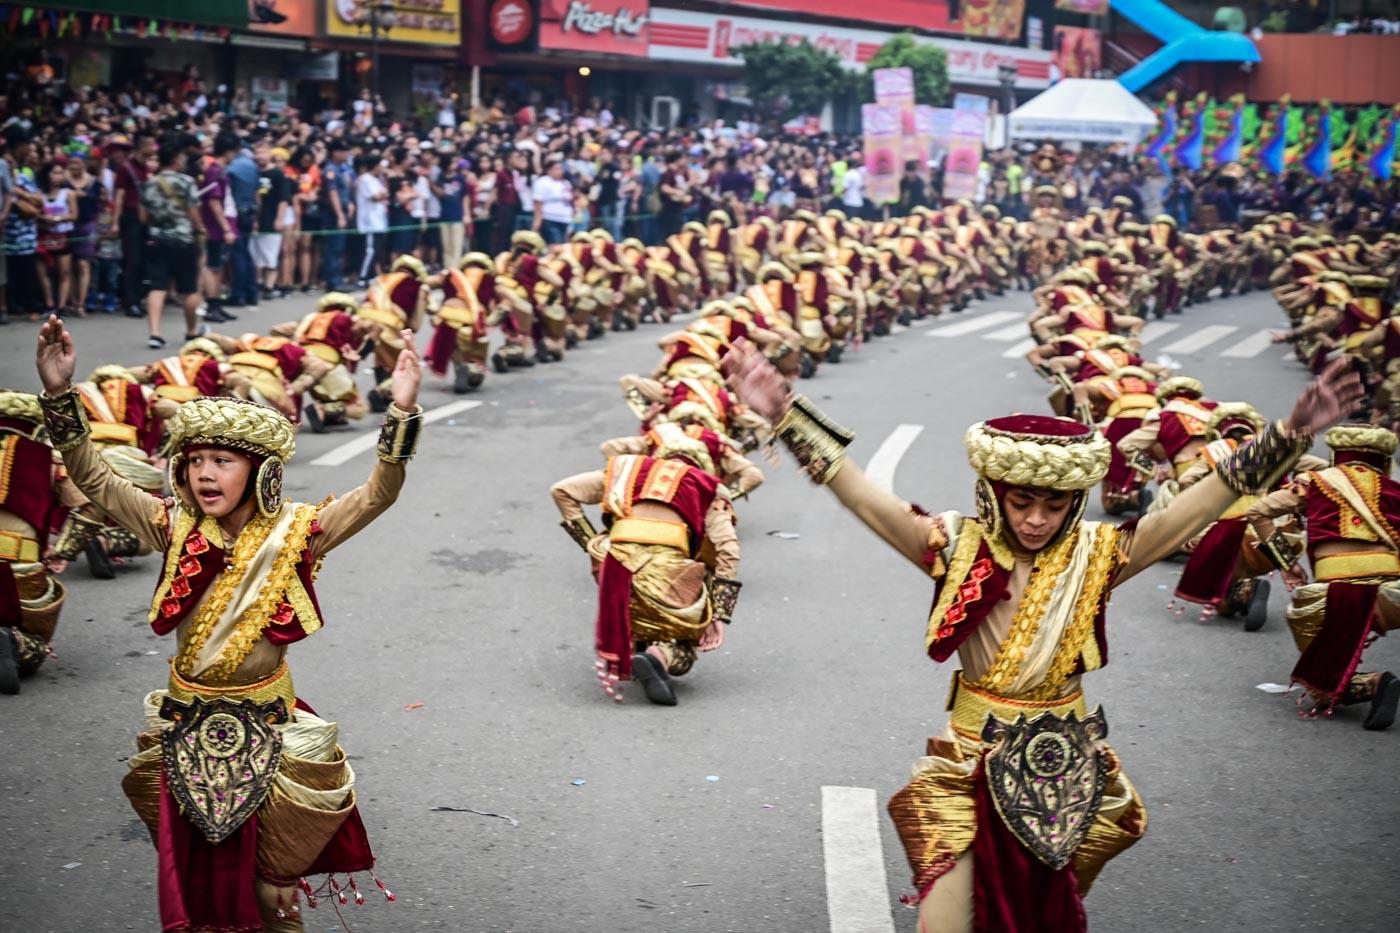 LIVE: Sinulog 2020 Grand Parade